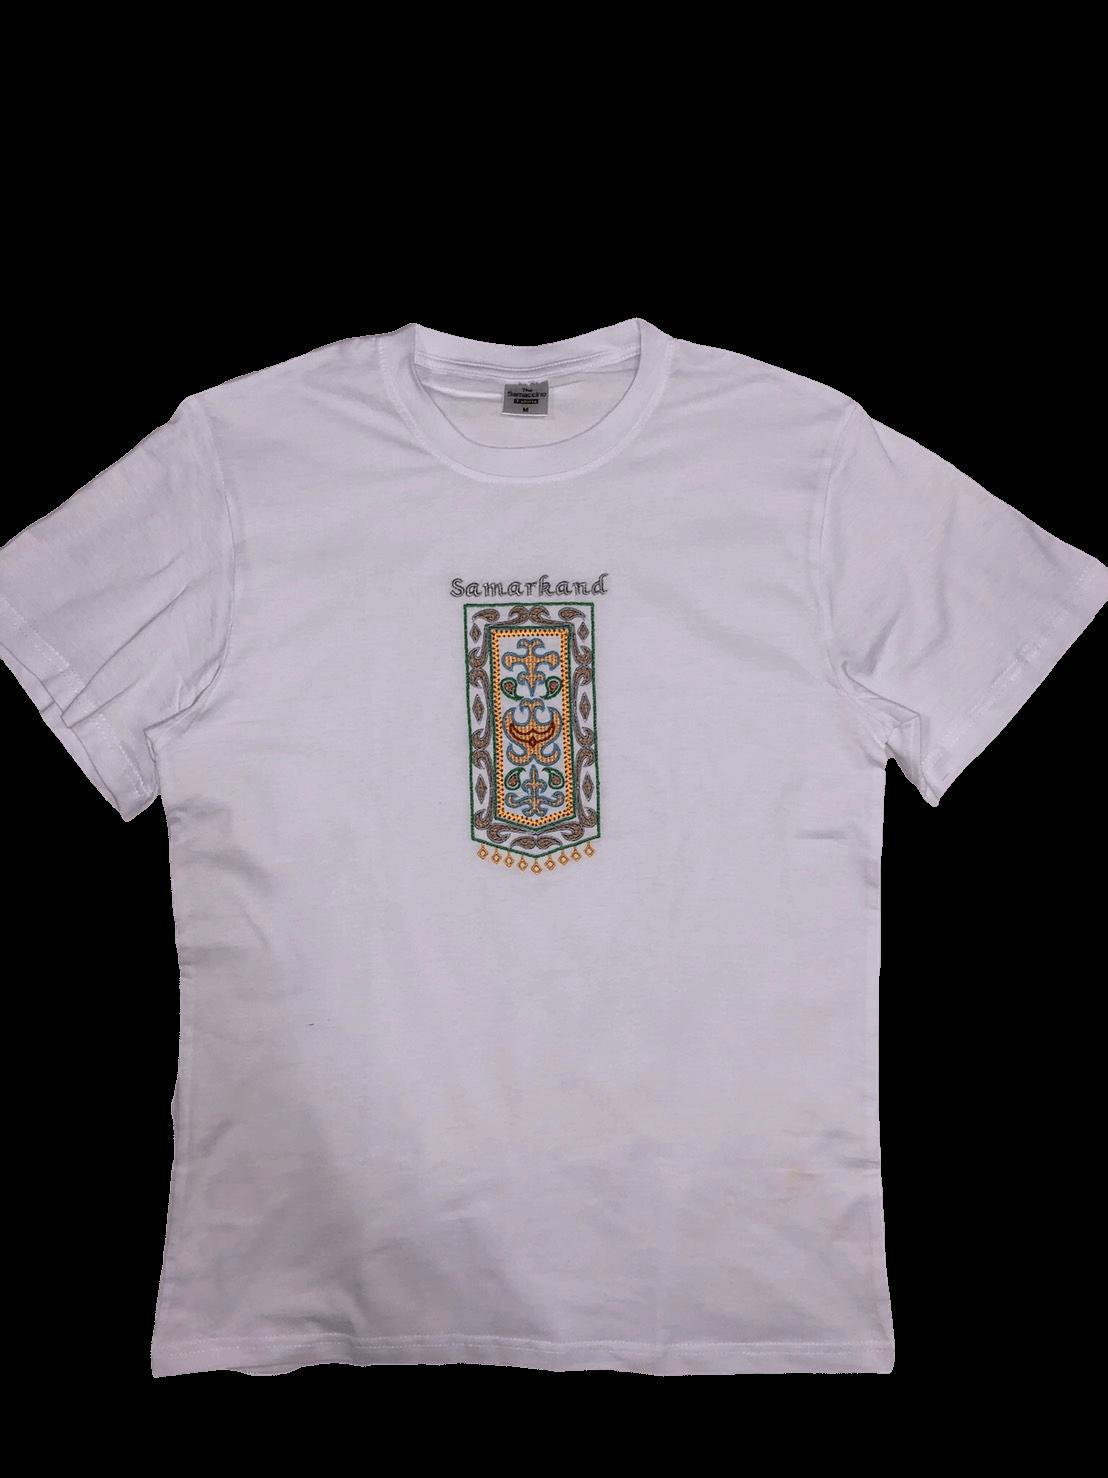 スザニ刺繍入り サマルカンド Tシャツ(白)